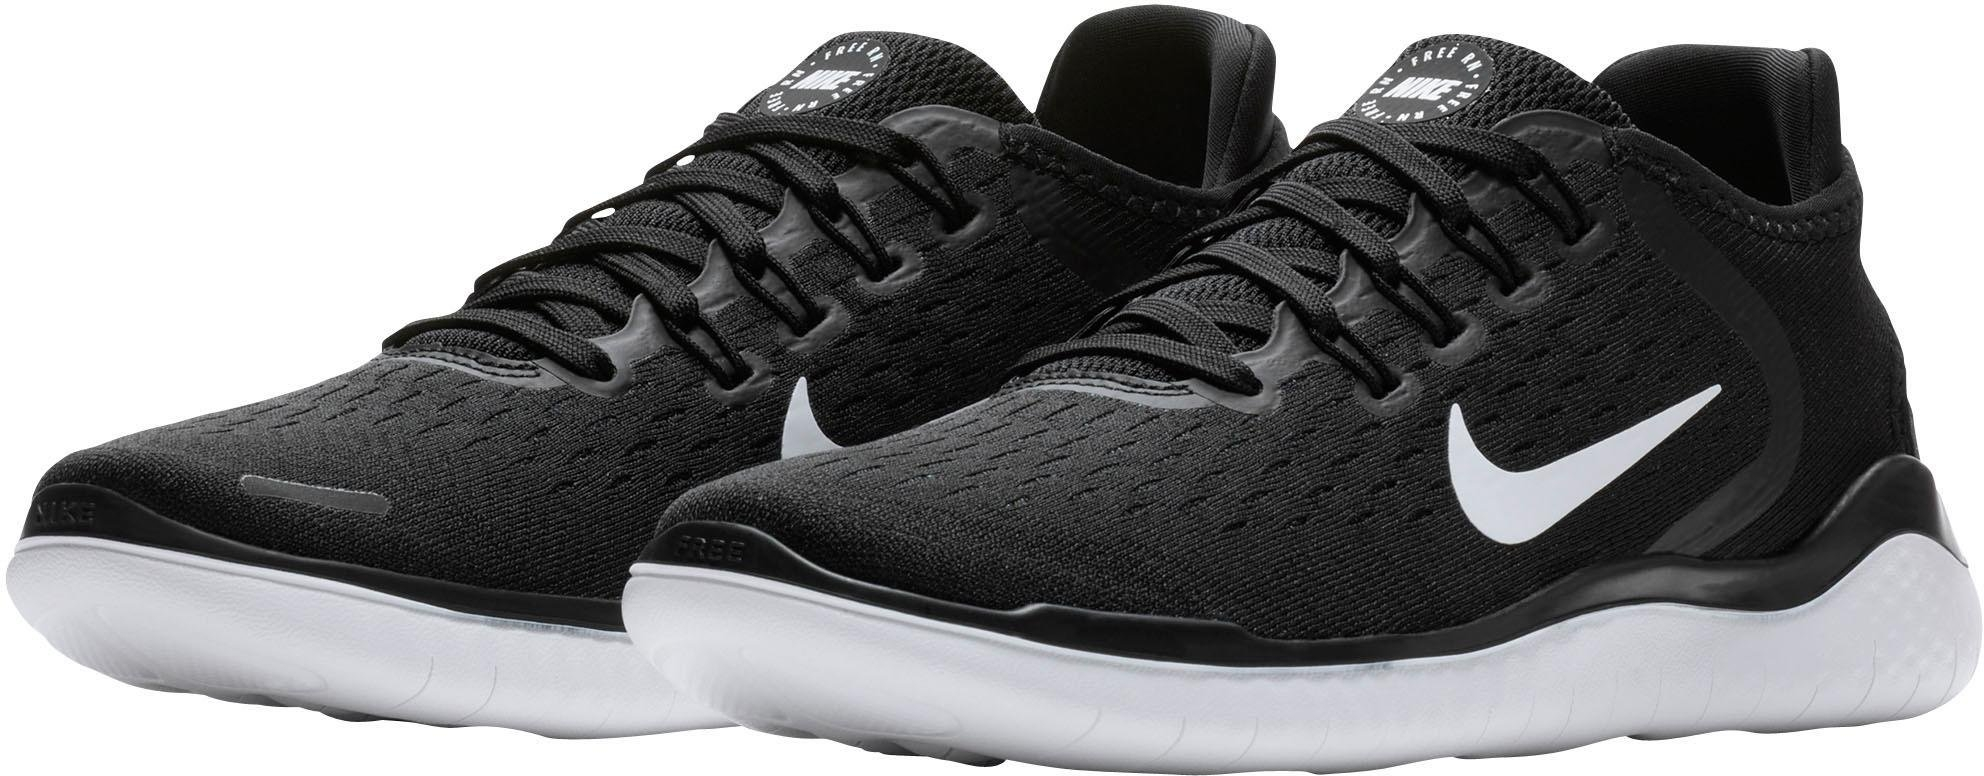 Nike runningschoenen »Wmns Free Run 2018« online kopen op otto.nl